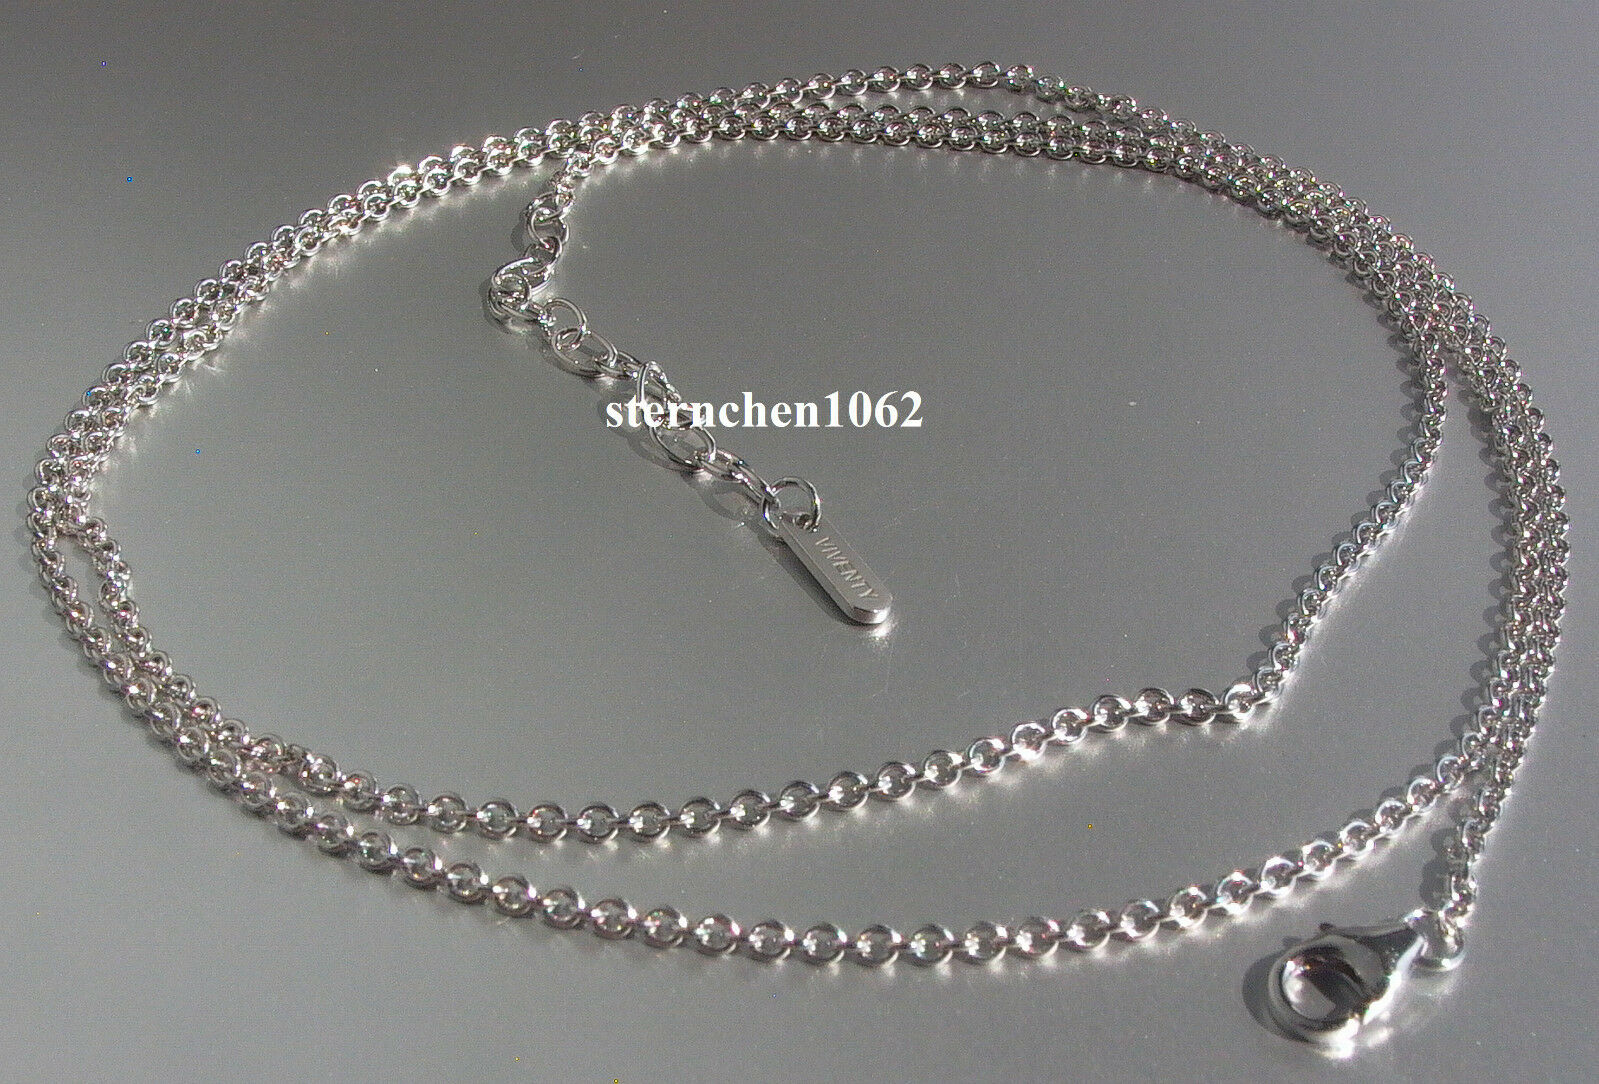 Viventy Halskette für Anhänger  Kette   925 silver  65 - 70 cm  690712 70